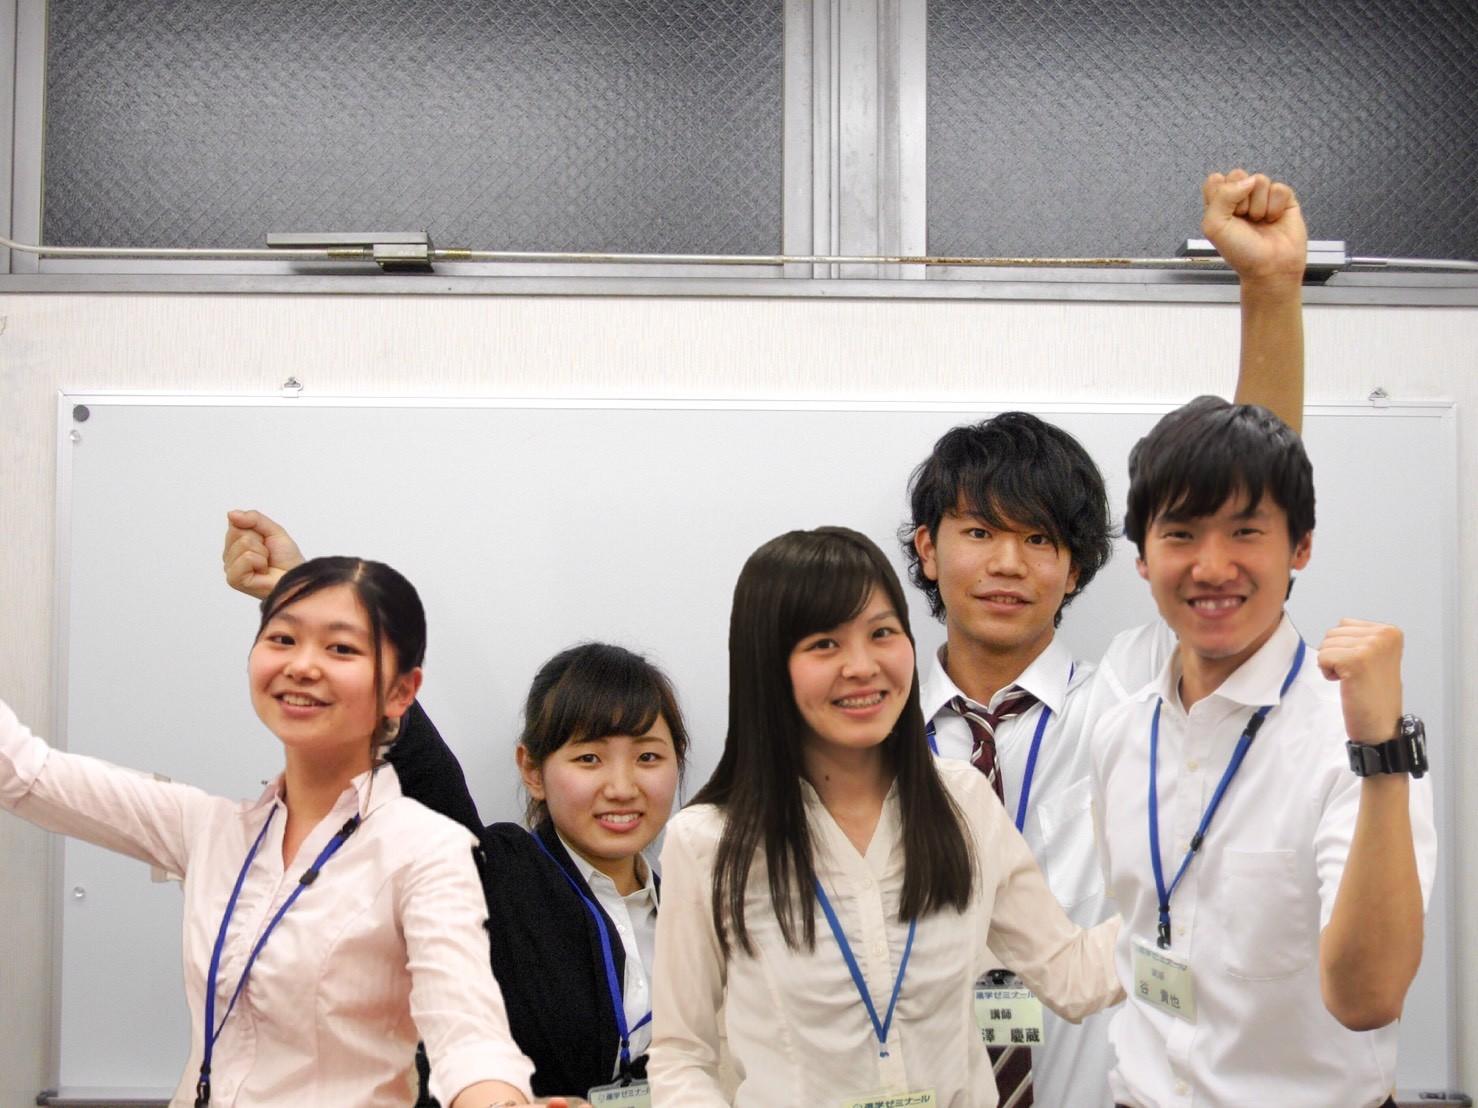 進学ゼミナール 西大寺南校 のアルバイト情報